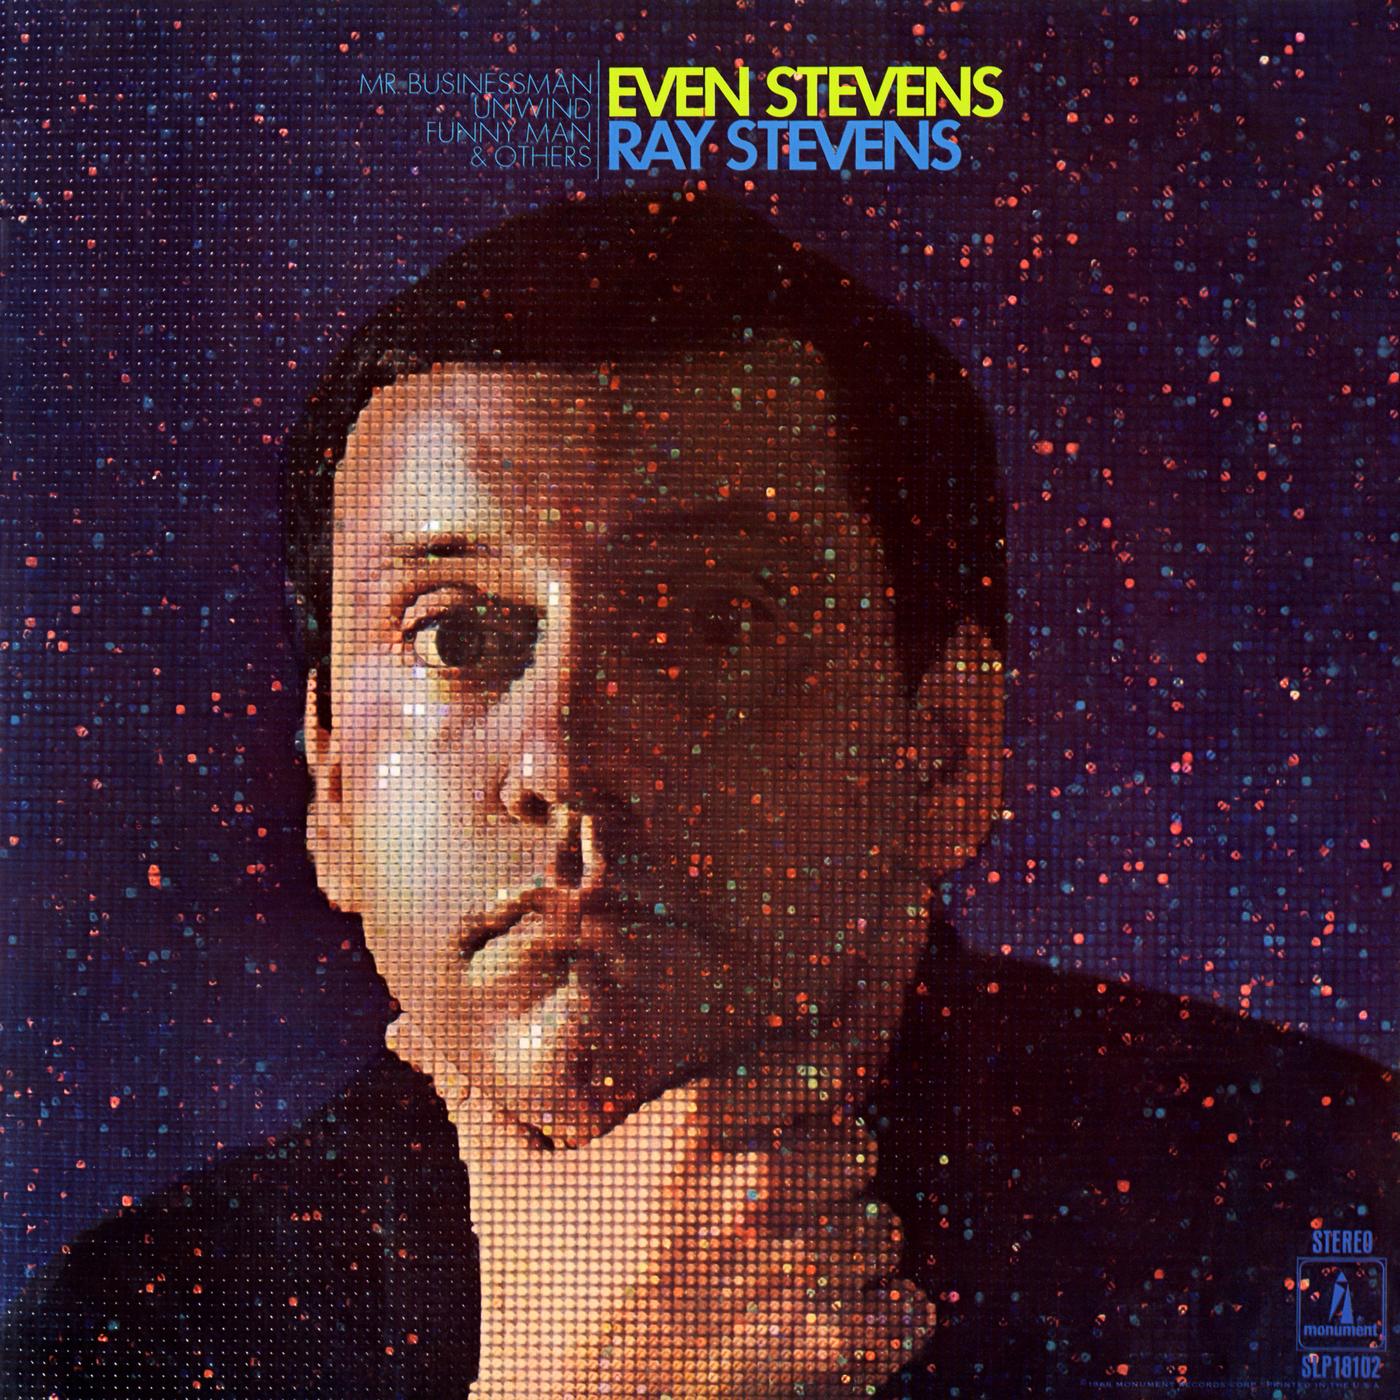 Even Stevens - Ray Stevens